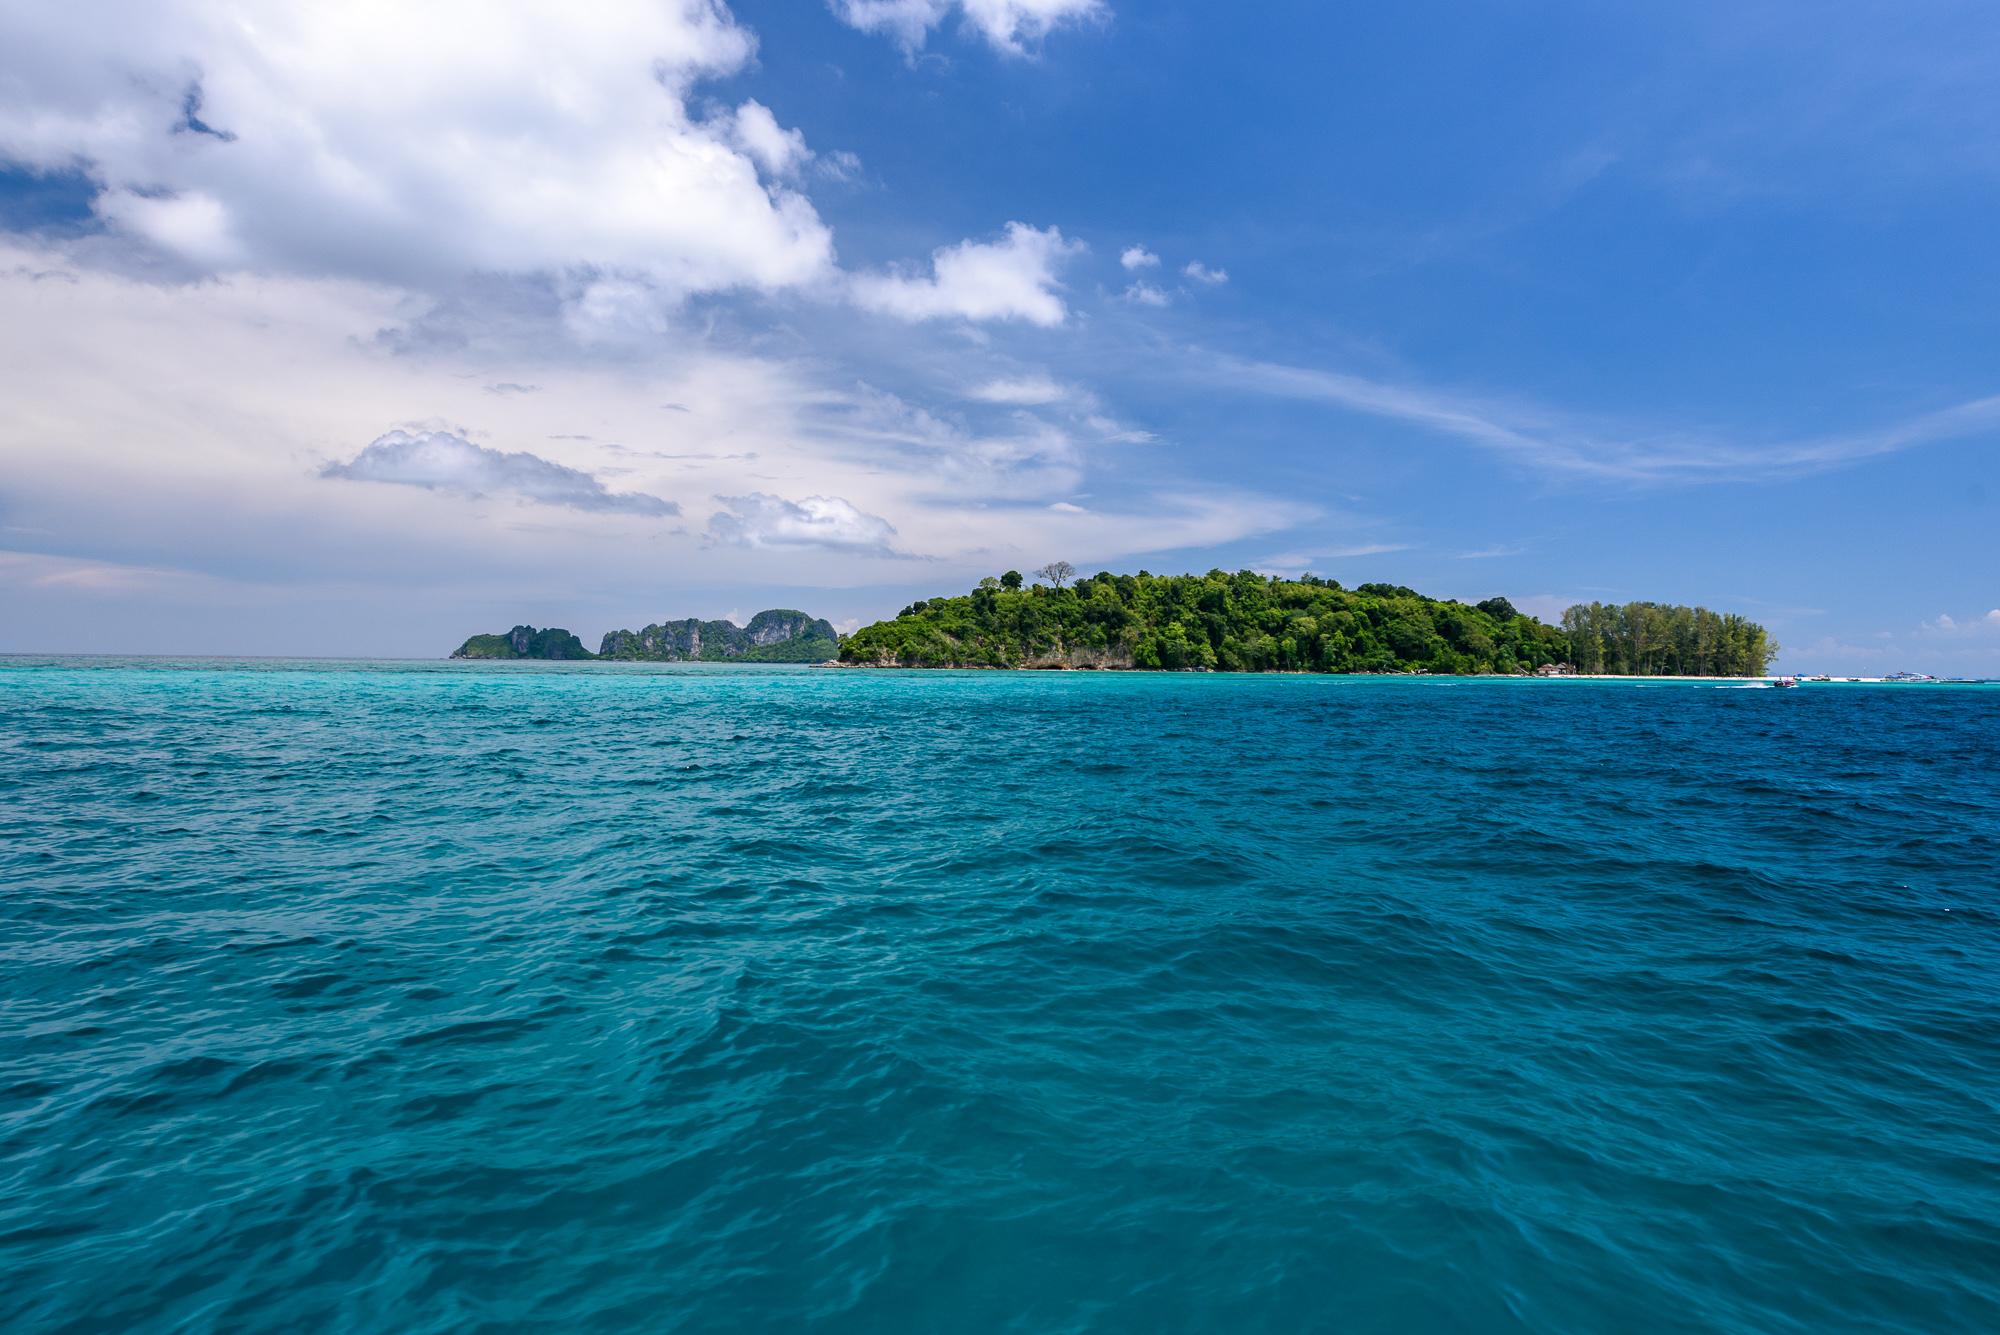 เที่ยวอันดามัน เกาะไม้ไผ่ กระบี่ ทะเลอันดามัน